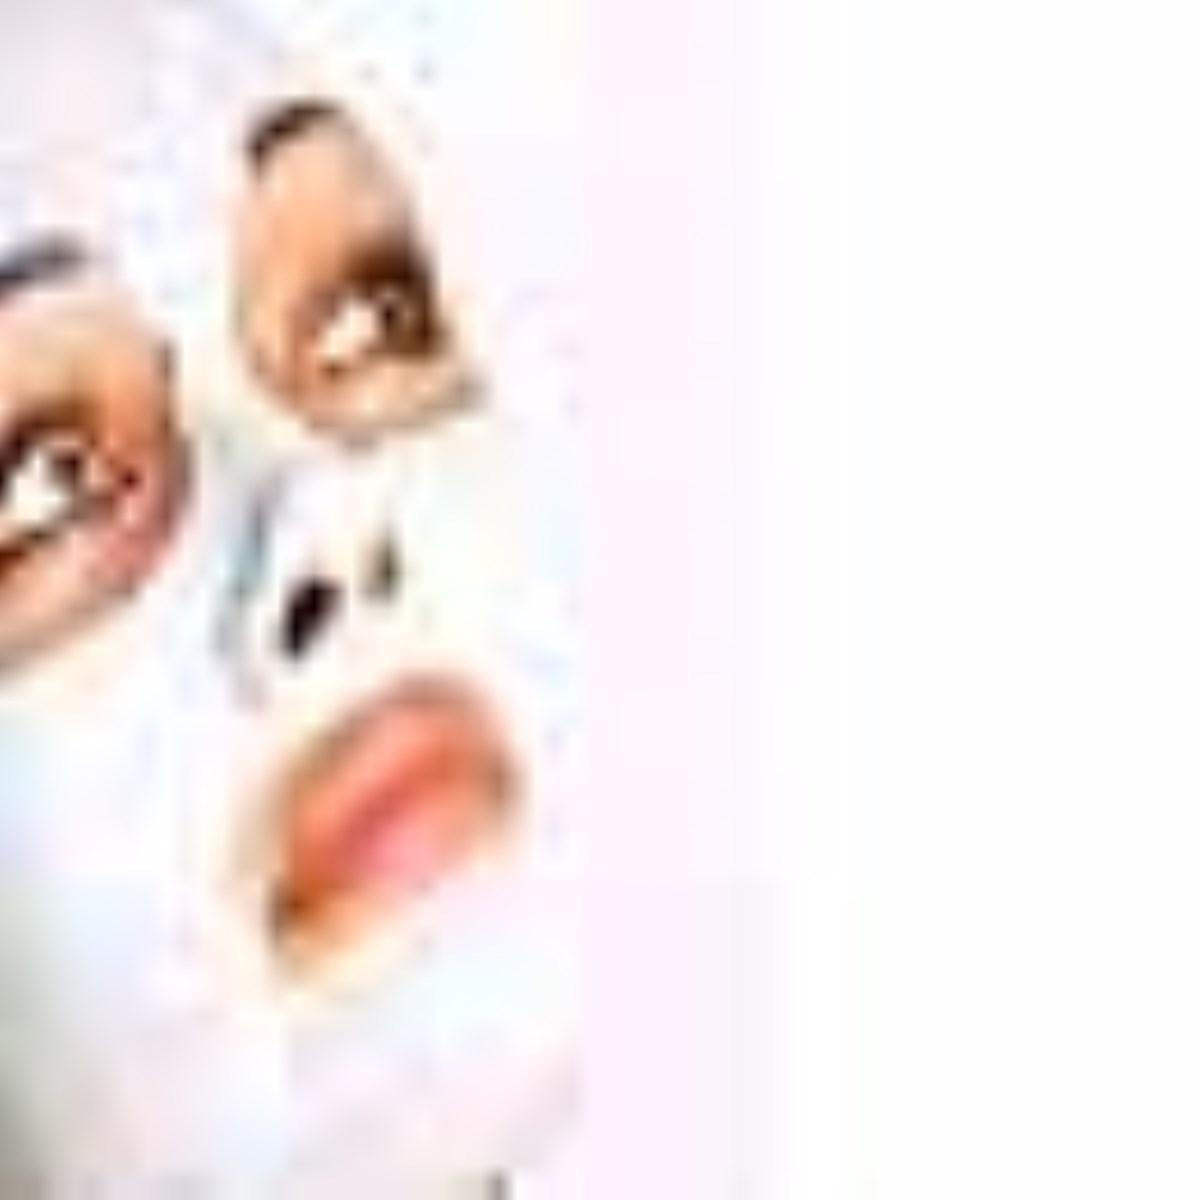 ماسک هايي براي برطرف کردن آفتاب سوختگي